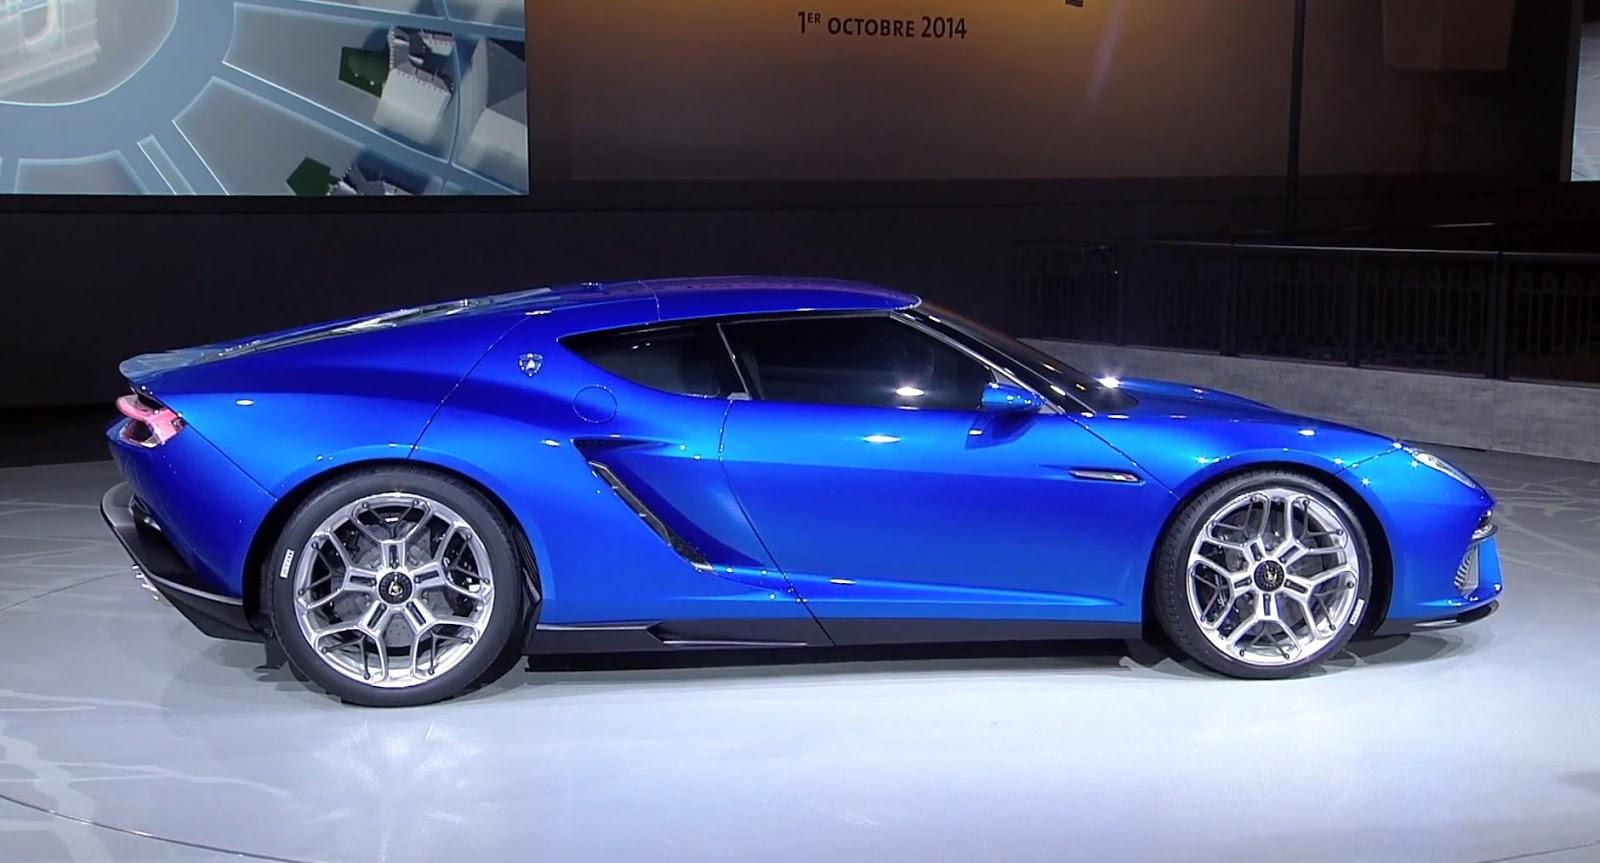 Фото премьеры Lamborghini Asterion в 2014 году